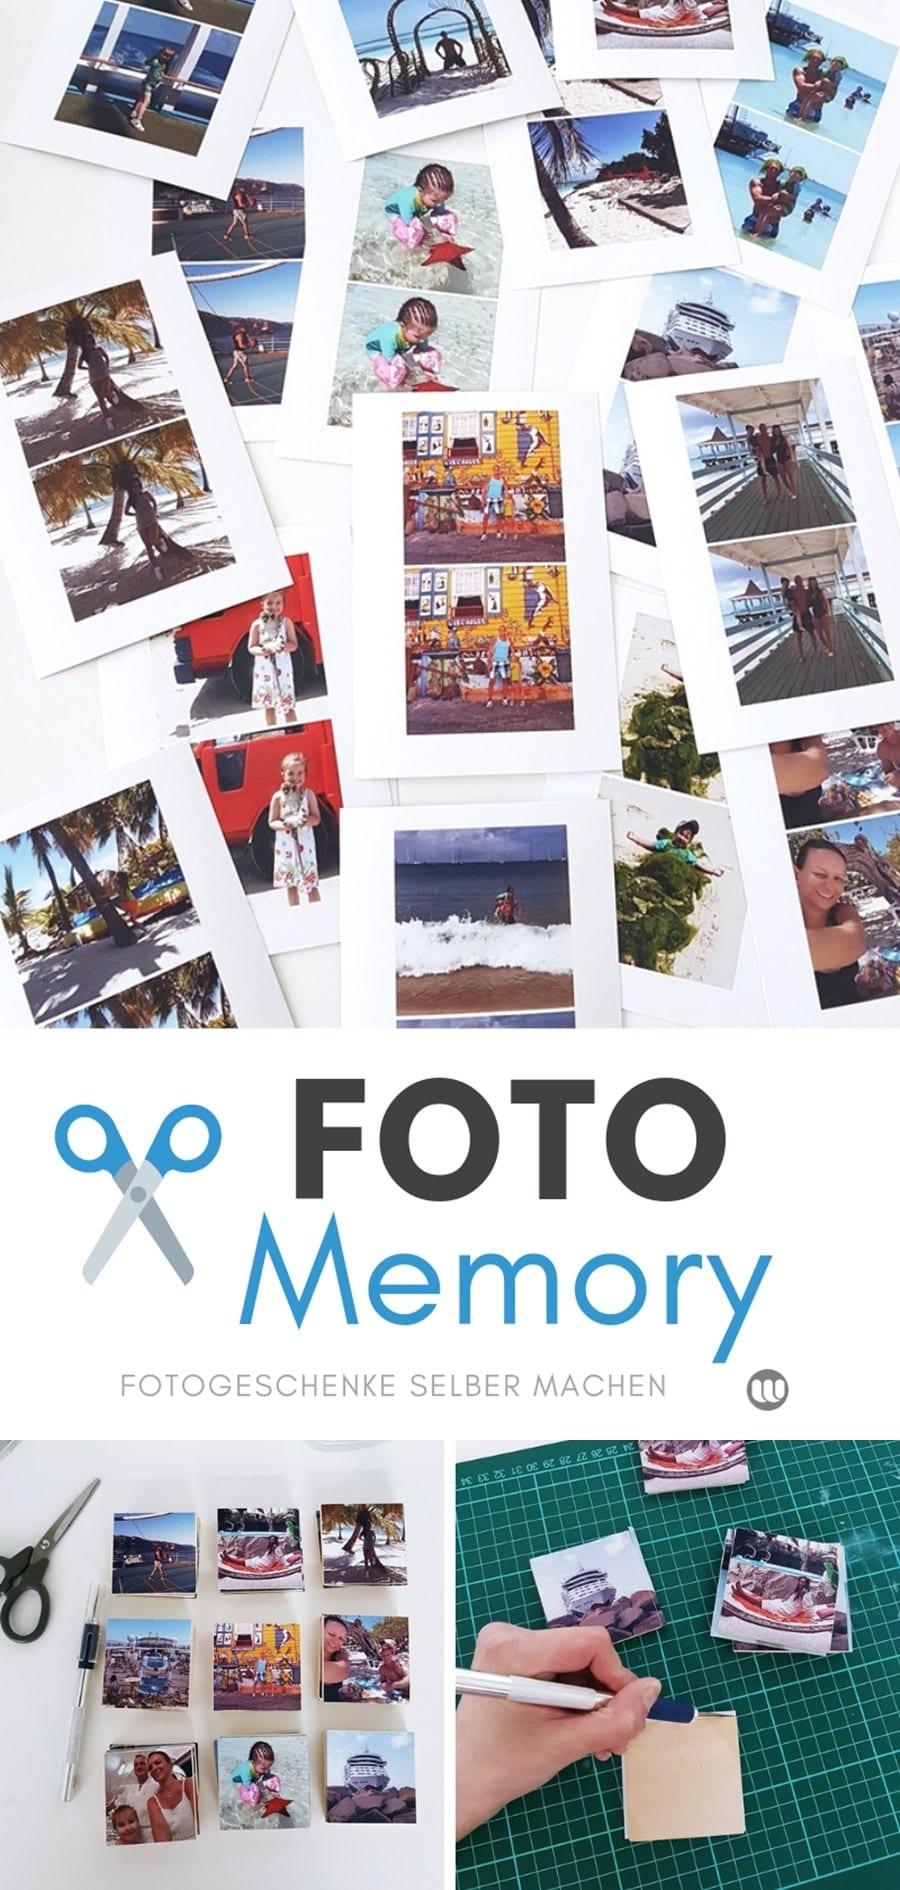 Diy Fotogeschenk: Foto-Memory Selbst Gestalten & Basteln ganzes Memory Spiel Selbst Gestalten